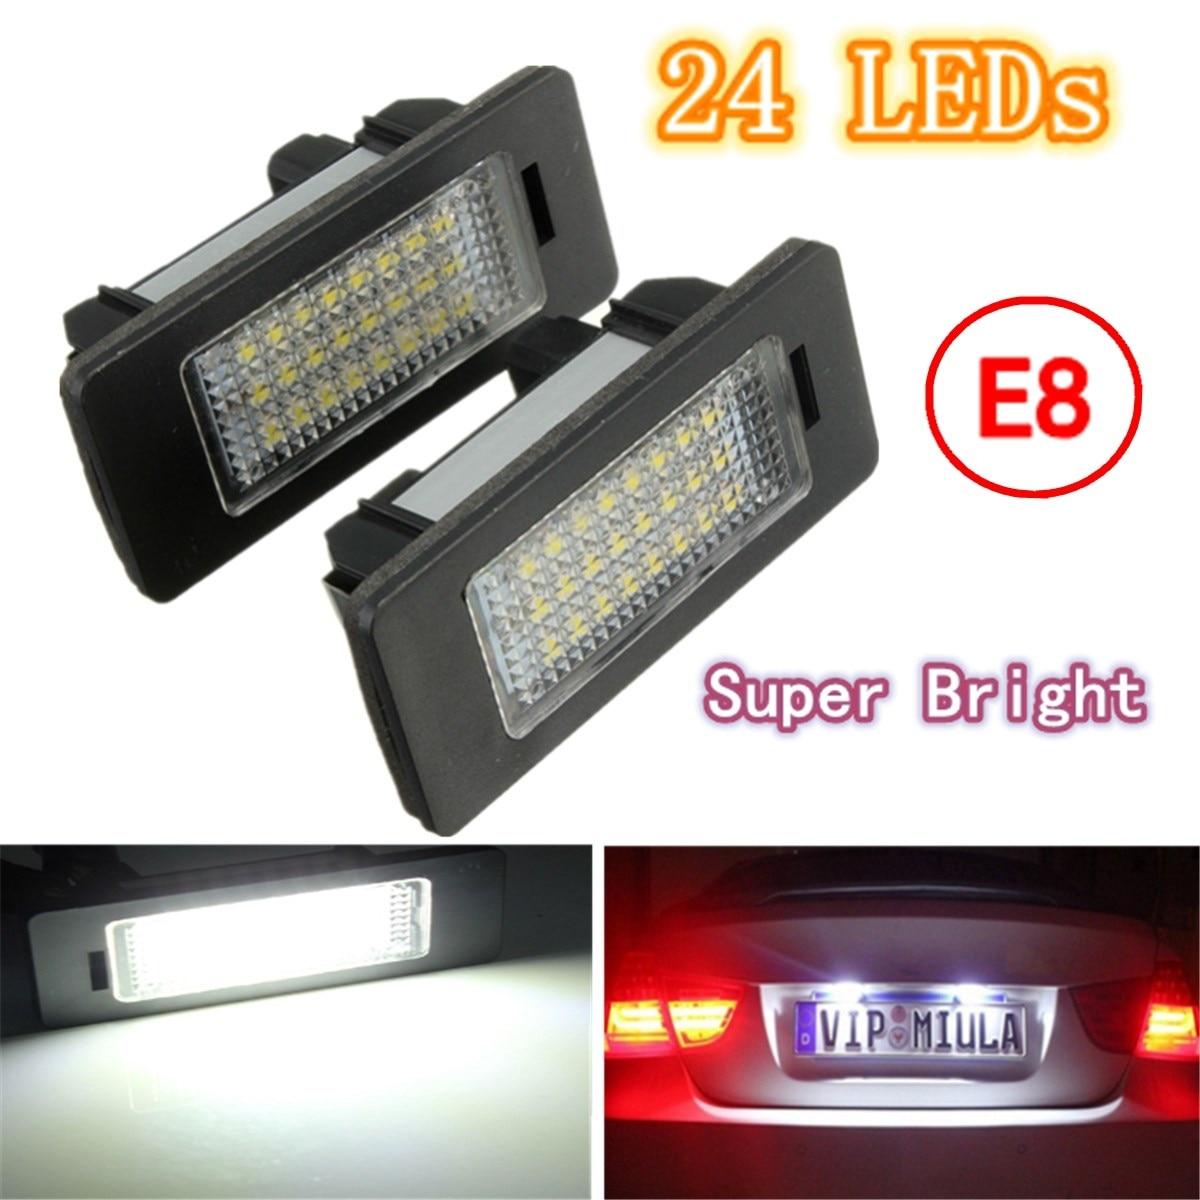 2X E-marked OBC Error Free 24 LED White License Number Plate Light Lamp For BMW E81 E82 E90 E91 E92 E93 E60 E61 E39 X1/E84<br><br>Aliexpress